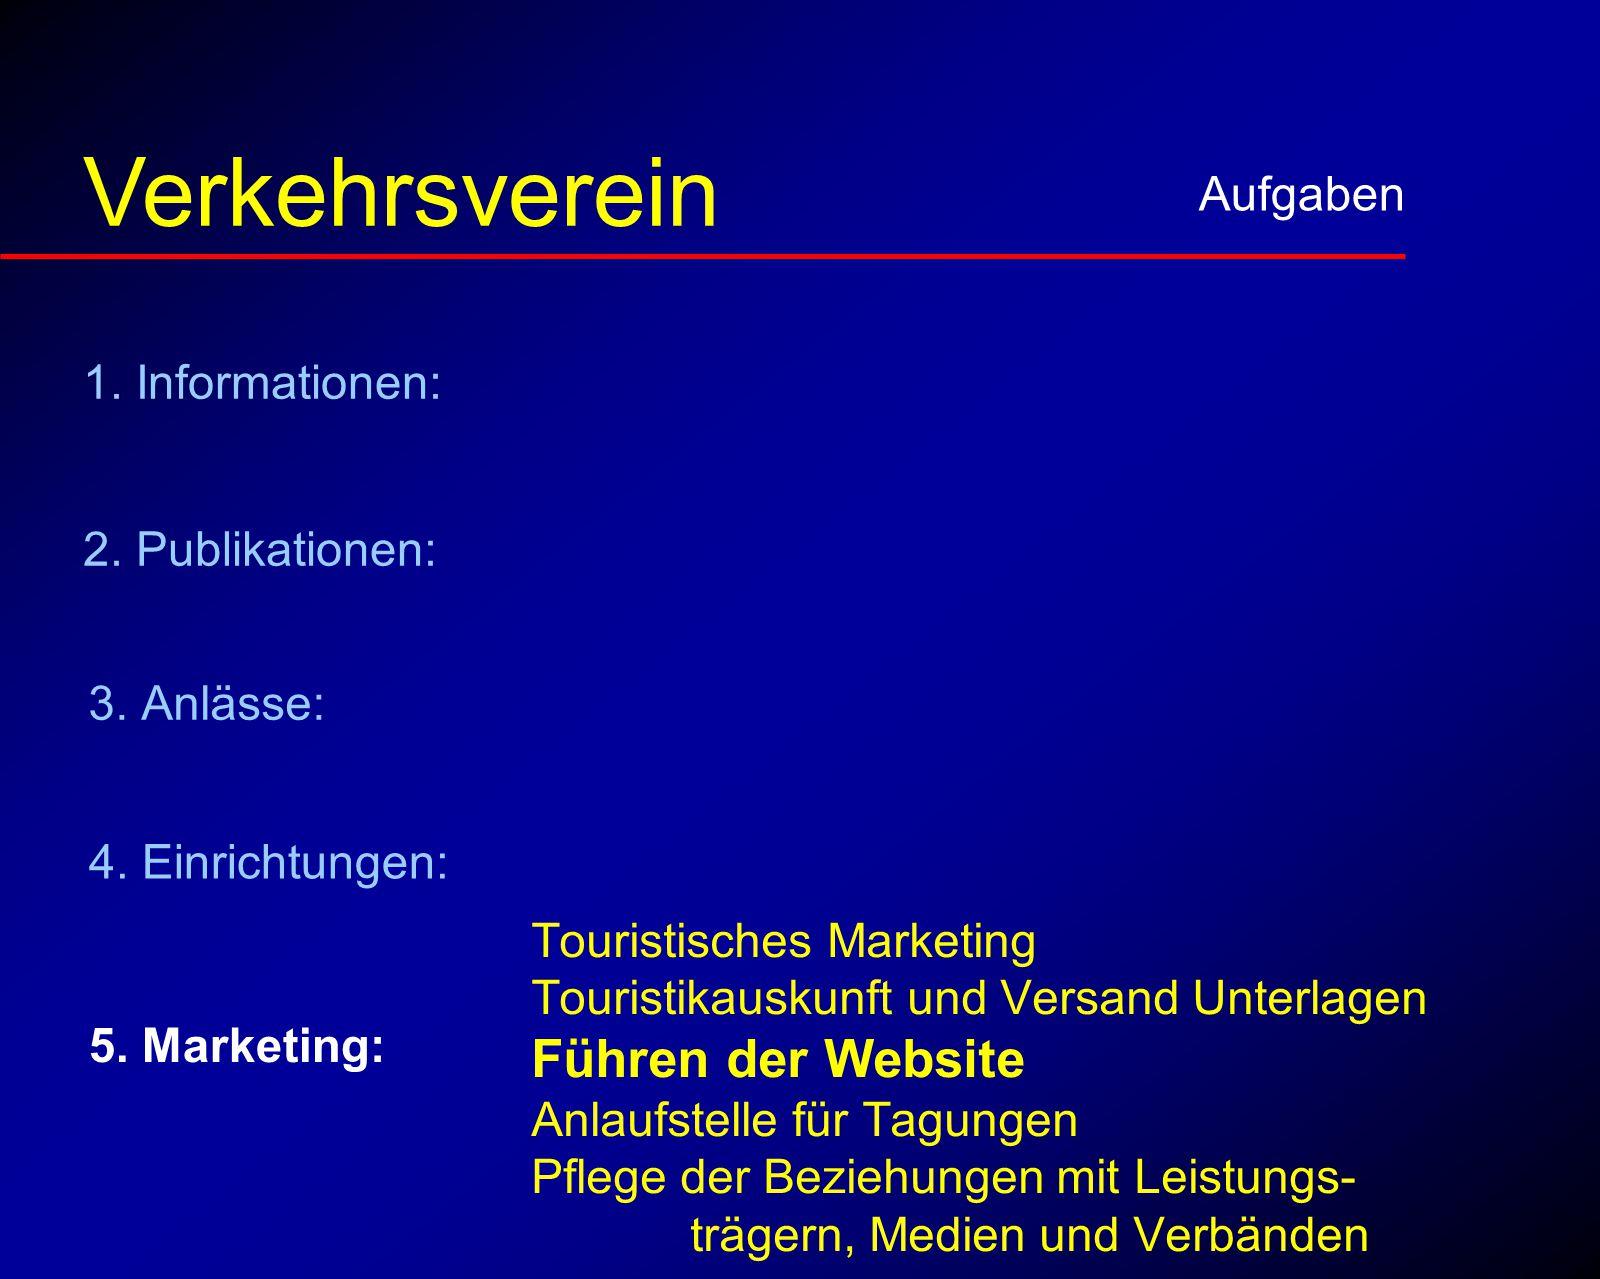 Marketing Aufgaben Verkehrsverein Touristisches Marketing Touristikauskunft und Versand Unterlagen Führen der Website Anlaufstelle für Tagungen Pflege